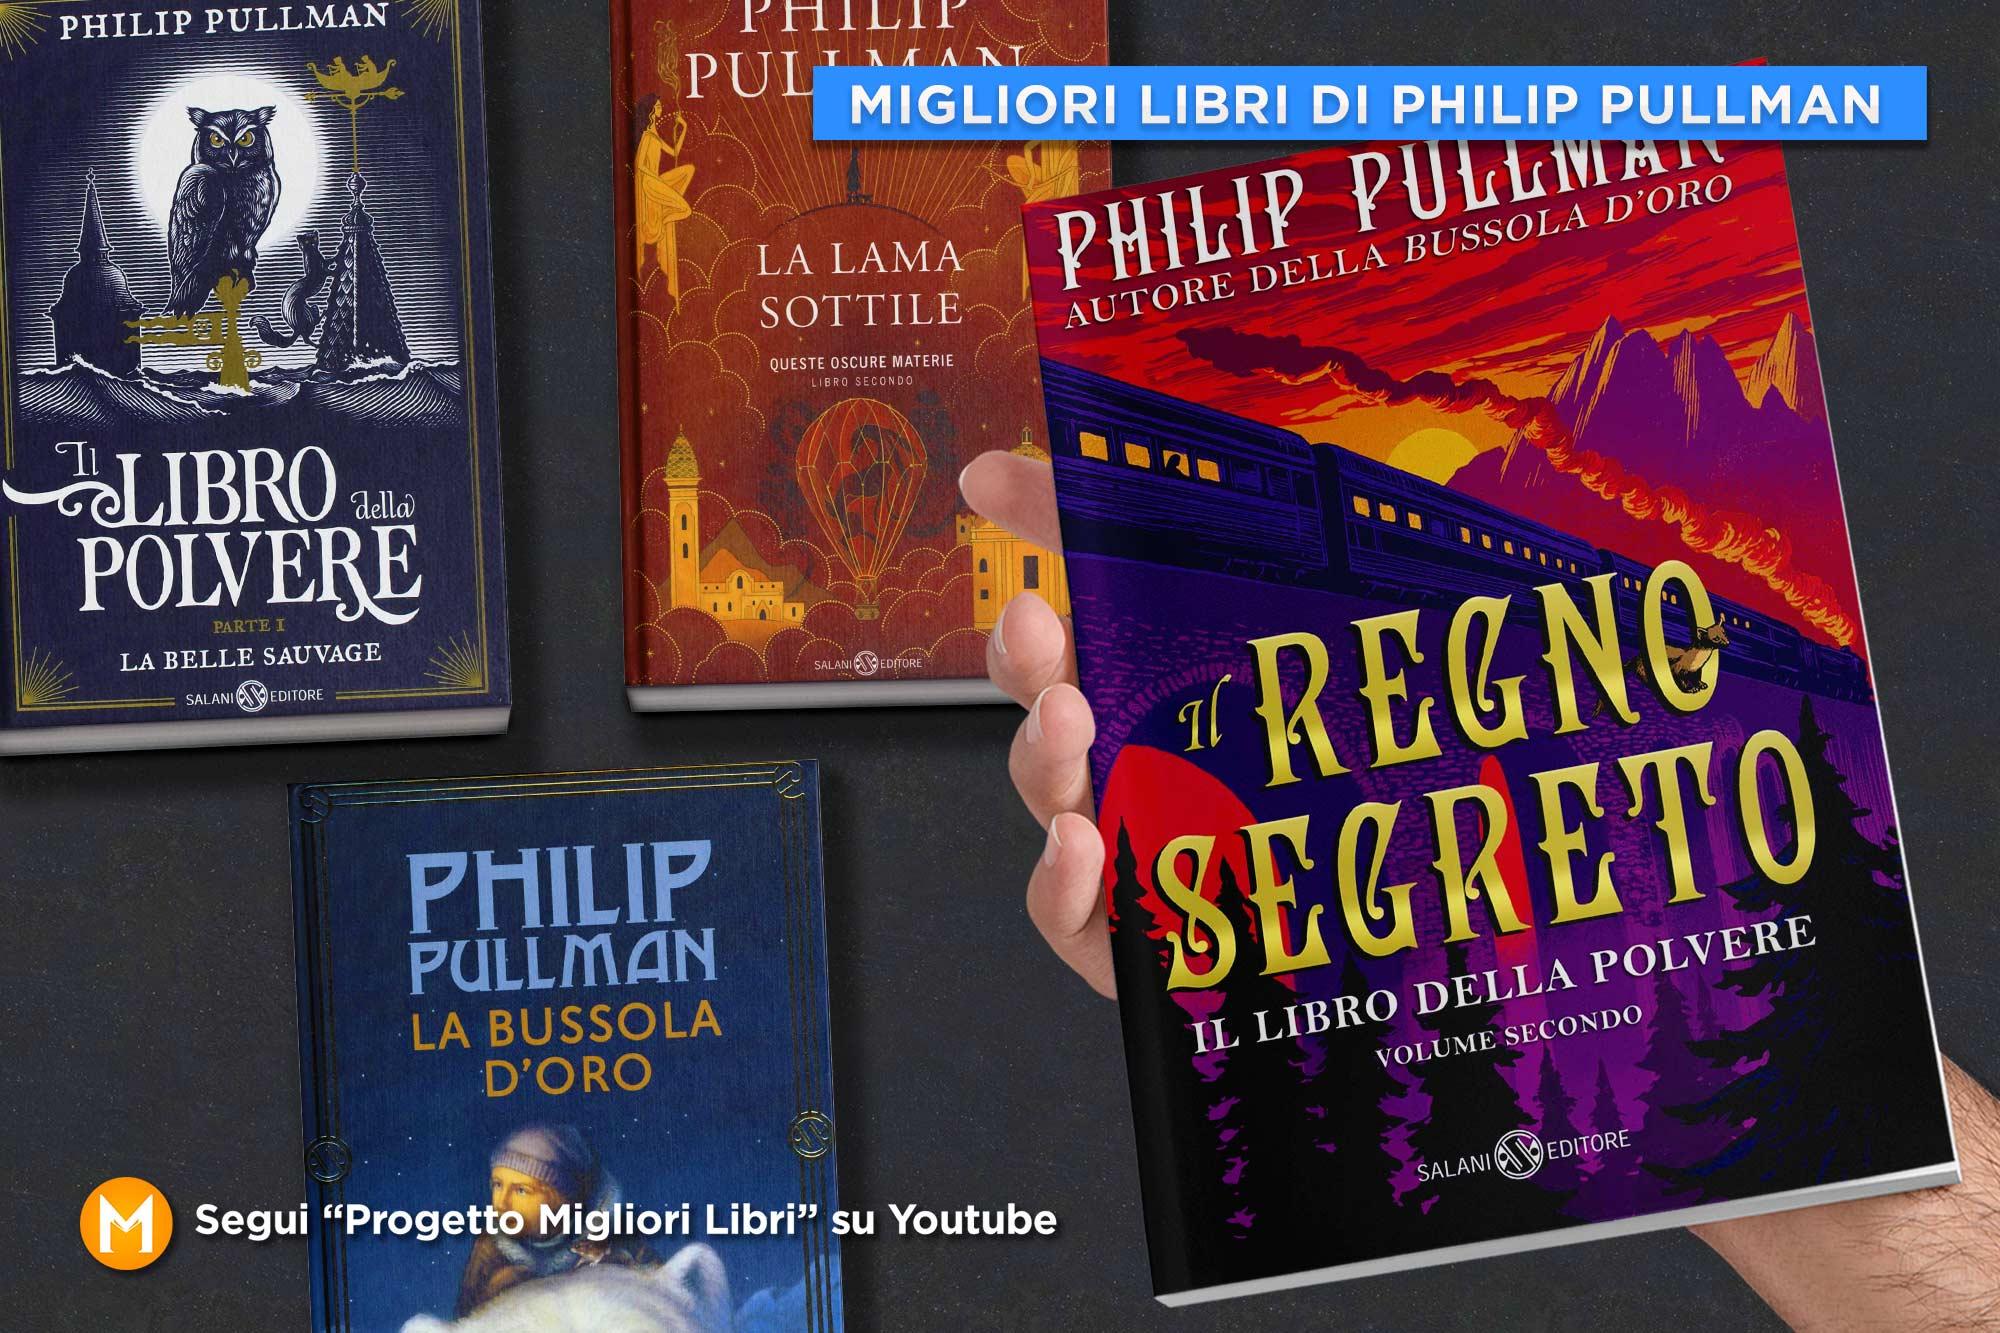 migliori-libri-philip-pullman